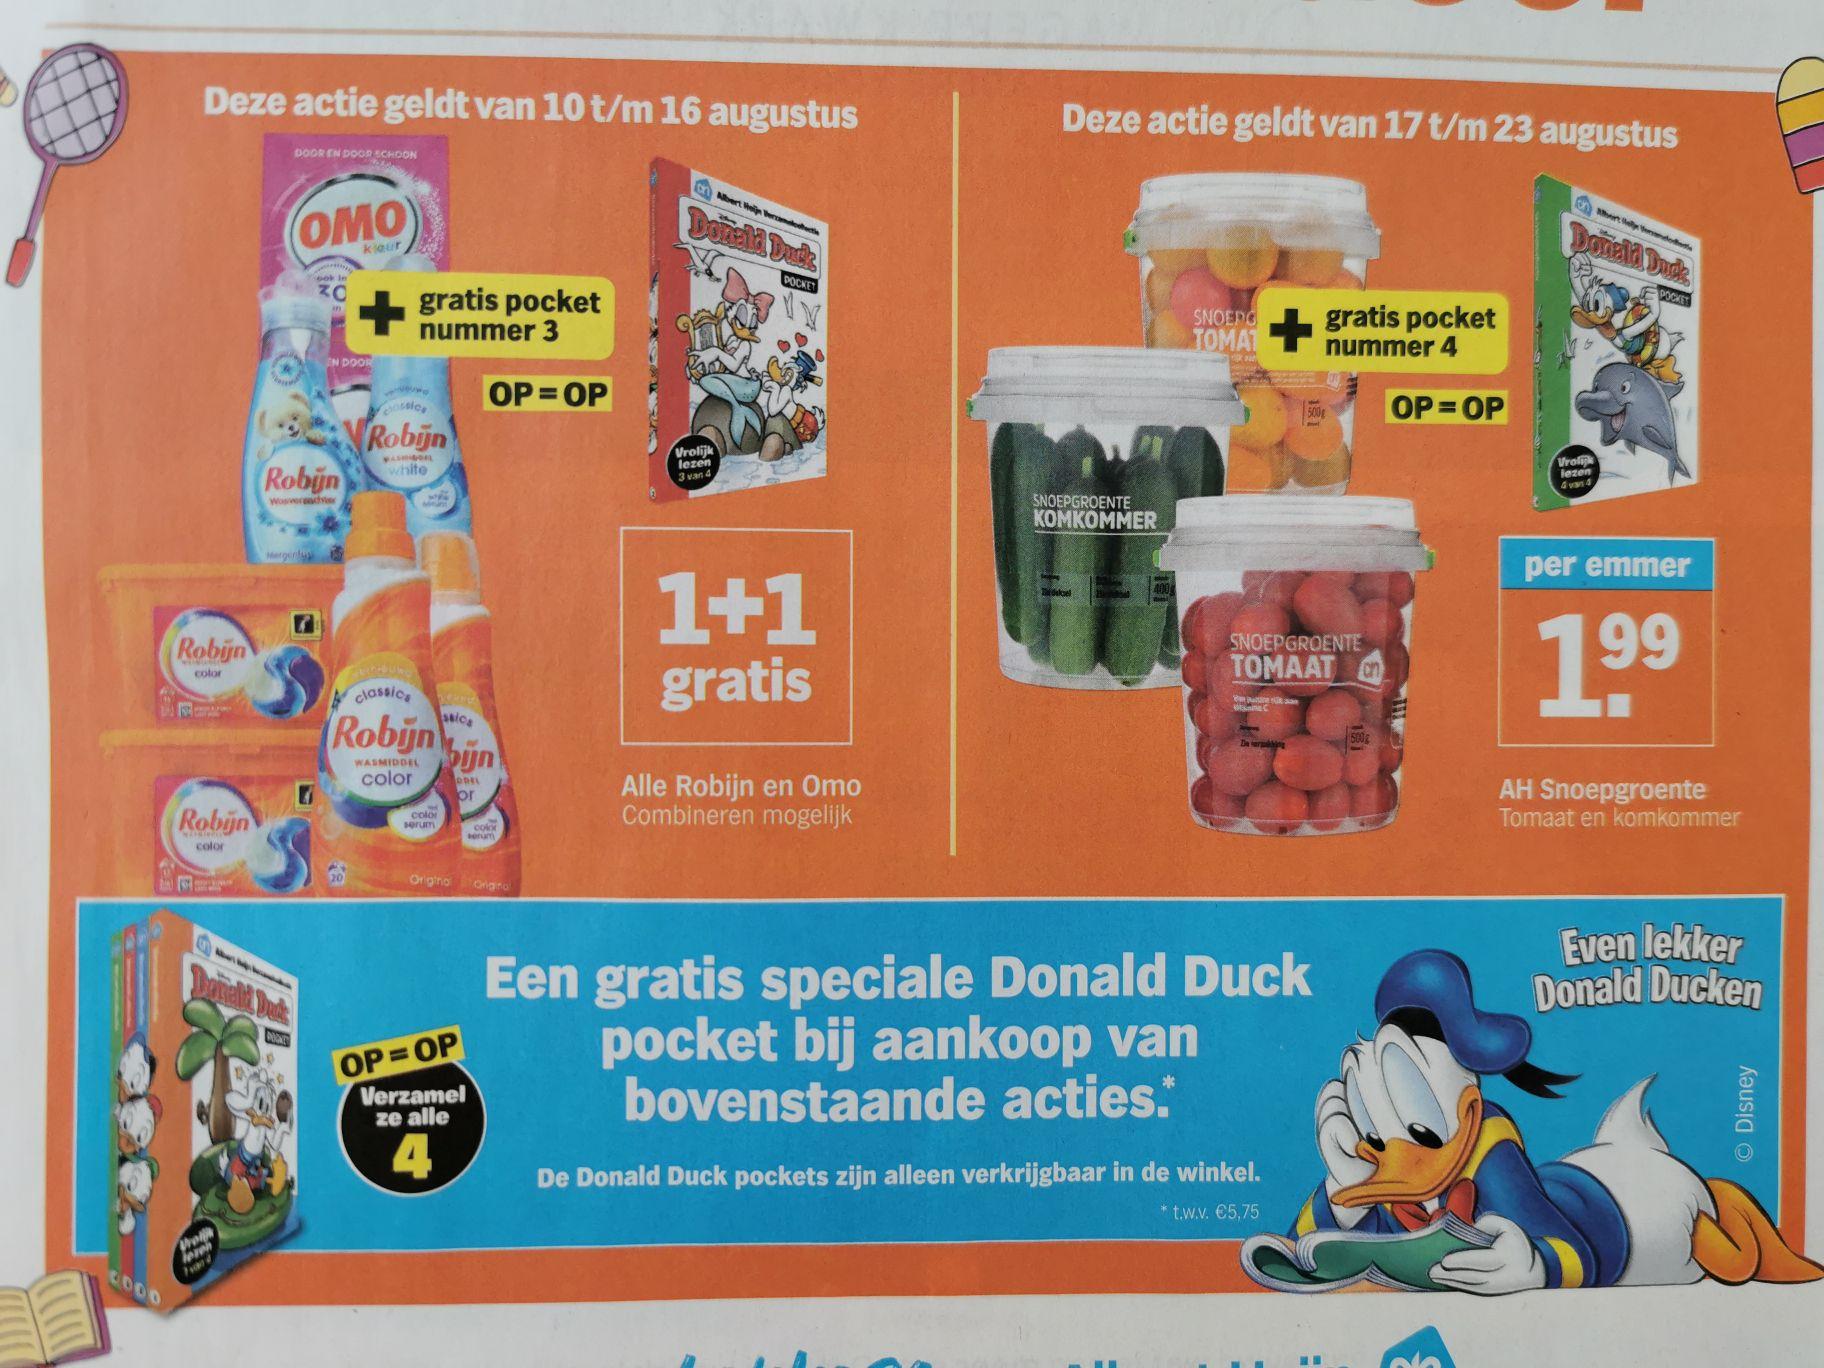 Gratis Donald Duck pocket (twv € 5,75) bij aankoop van deelnemende actie @Albert Heijn